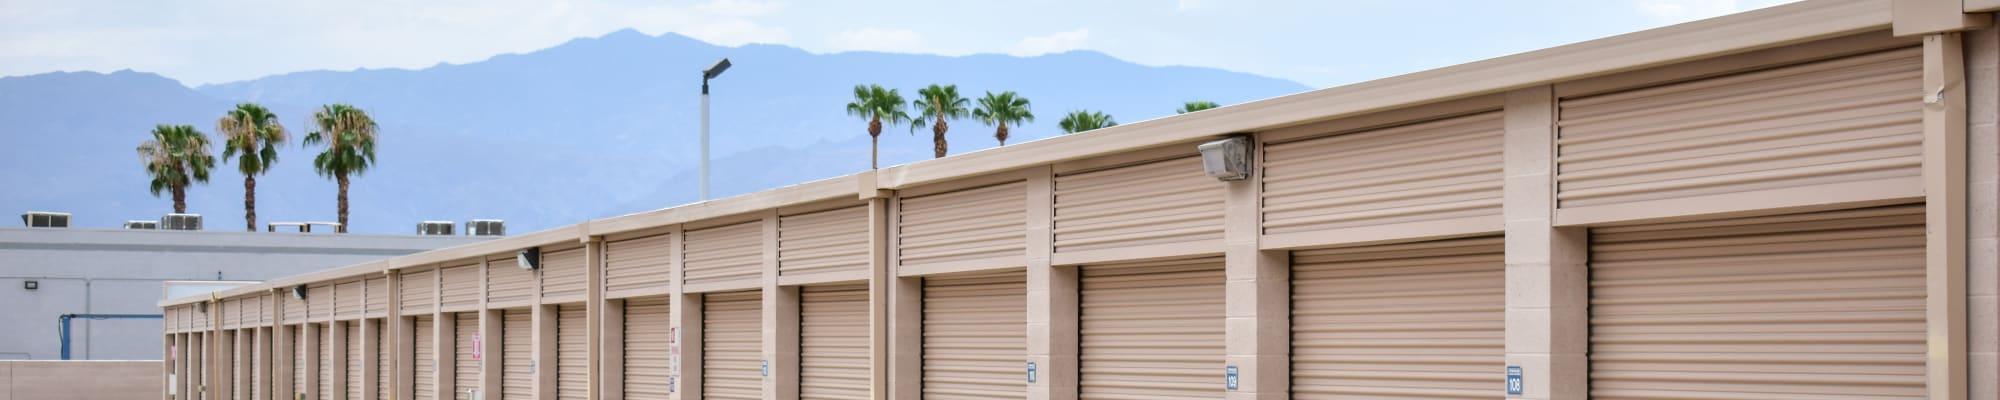 Blog for STOR-N-LOCK Self Storage in Palm Desert, California